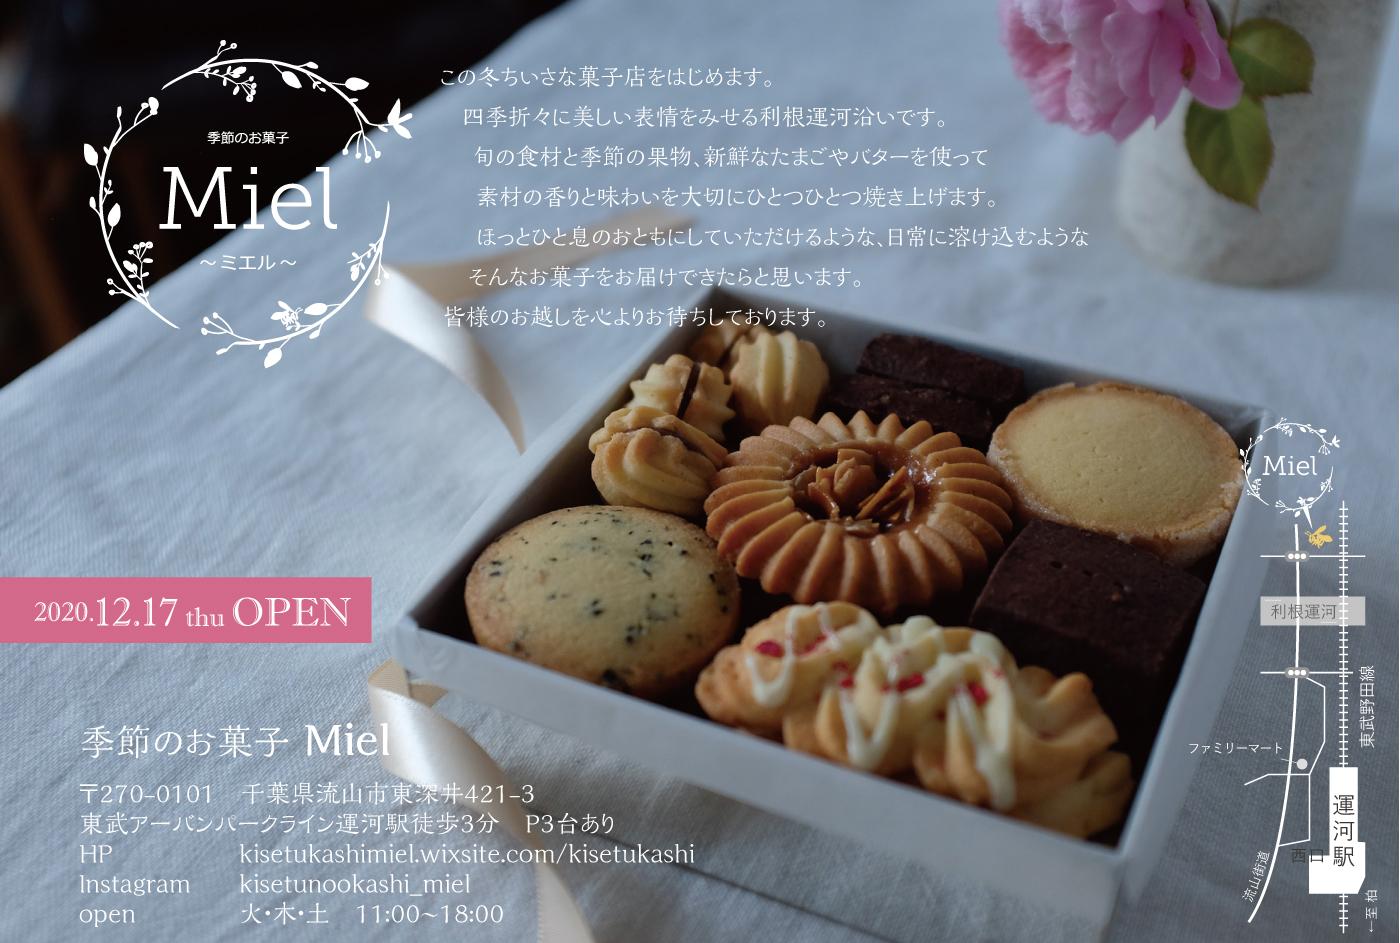 お菓子Miel